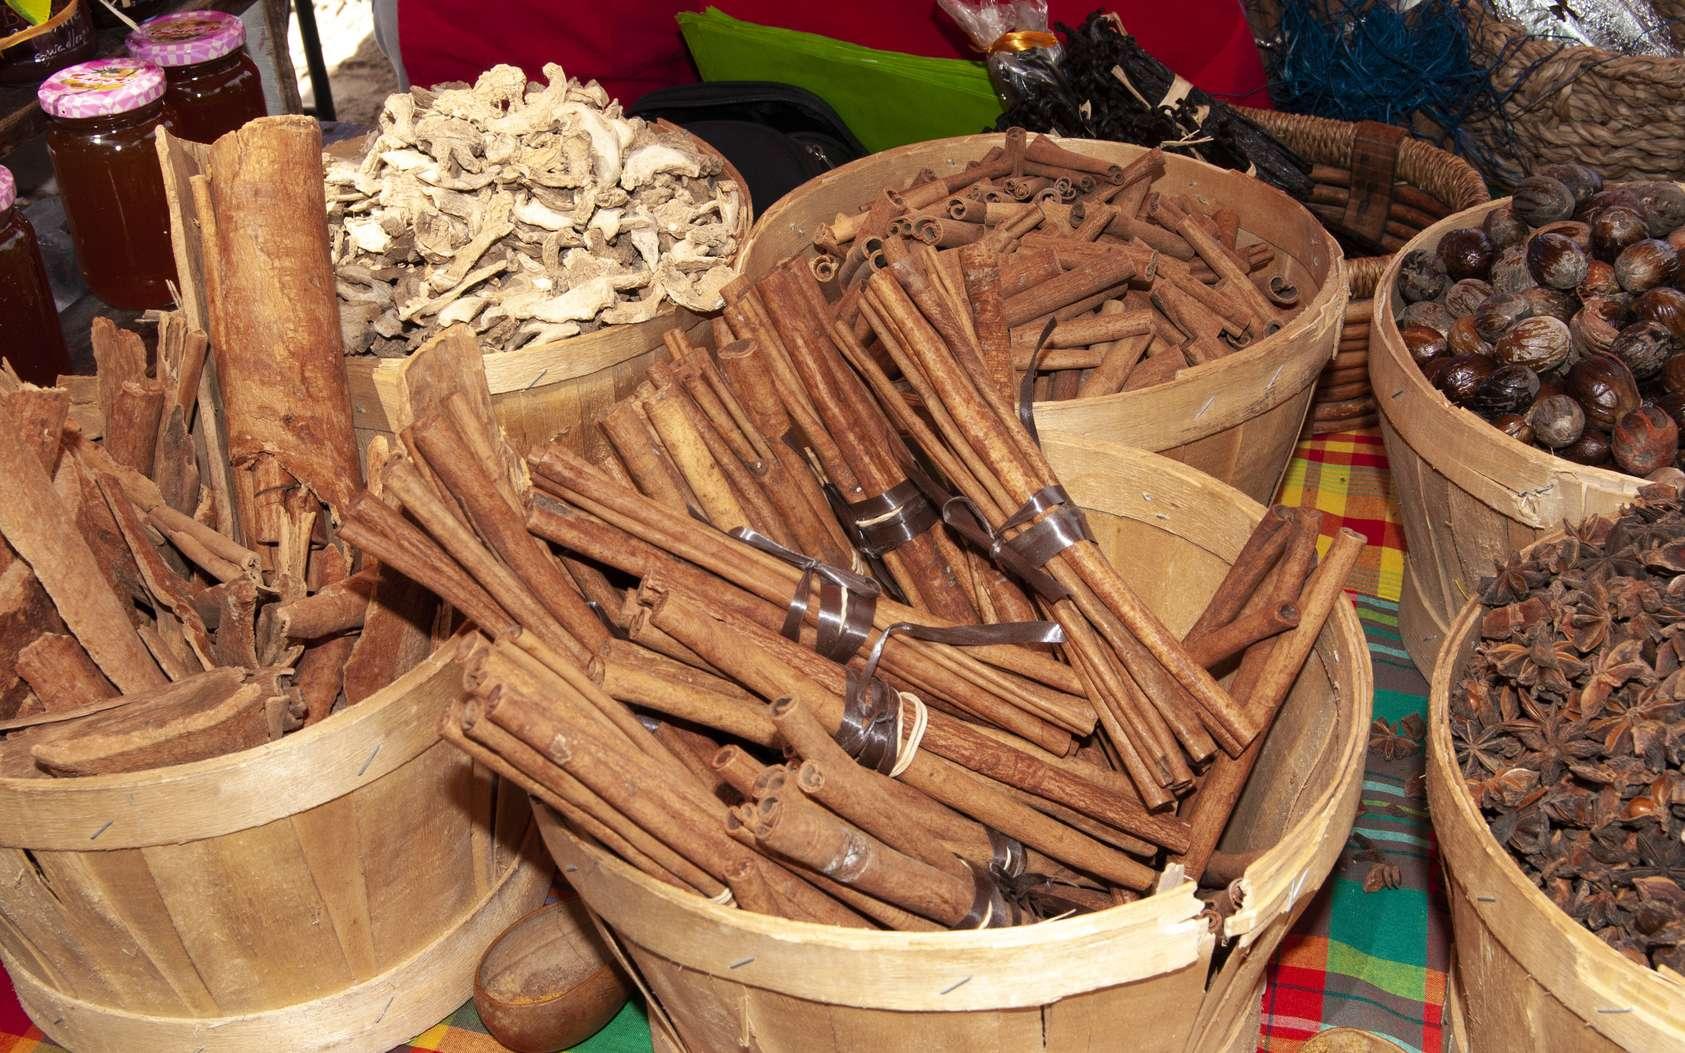 La cannelle, en raison de sa propriété coupe-faim, est souvent recommandée par les nutritionnistes : respirer l'odeur de bâtons de cannelle permettrait de stopper les envie de sucre. ©AlcelVision, Fotolia